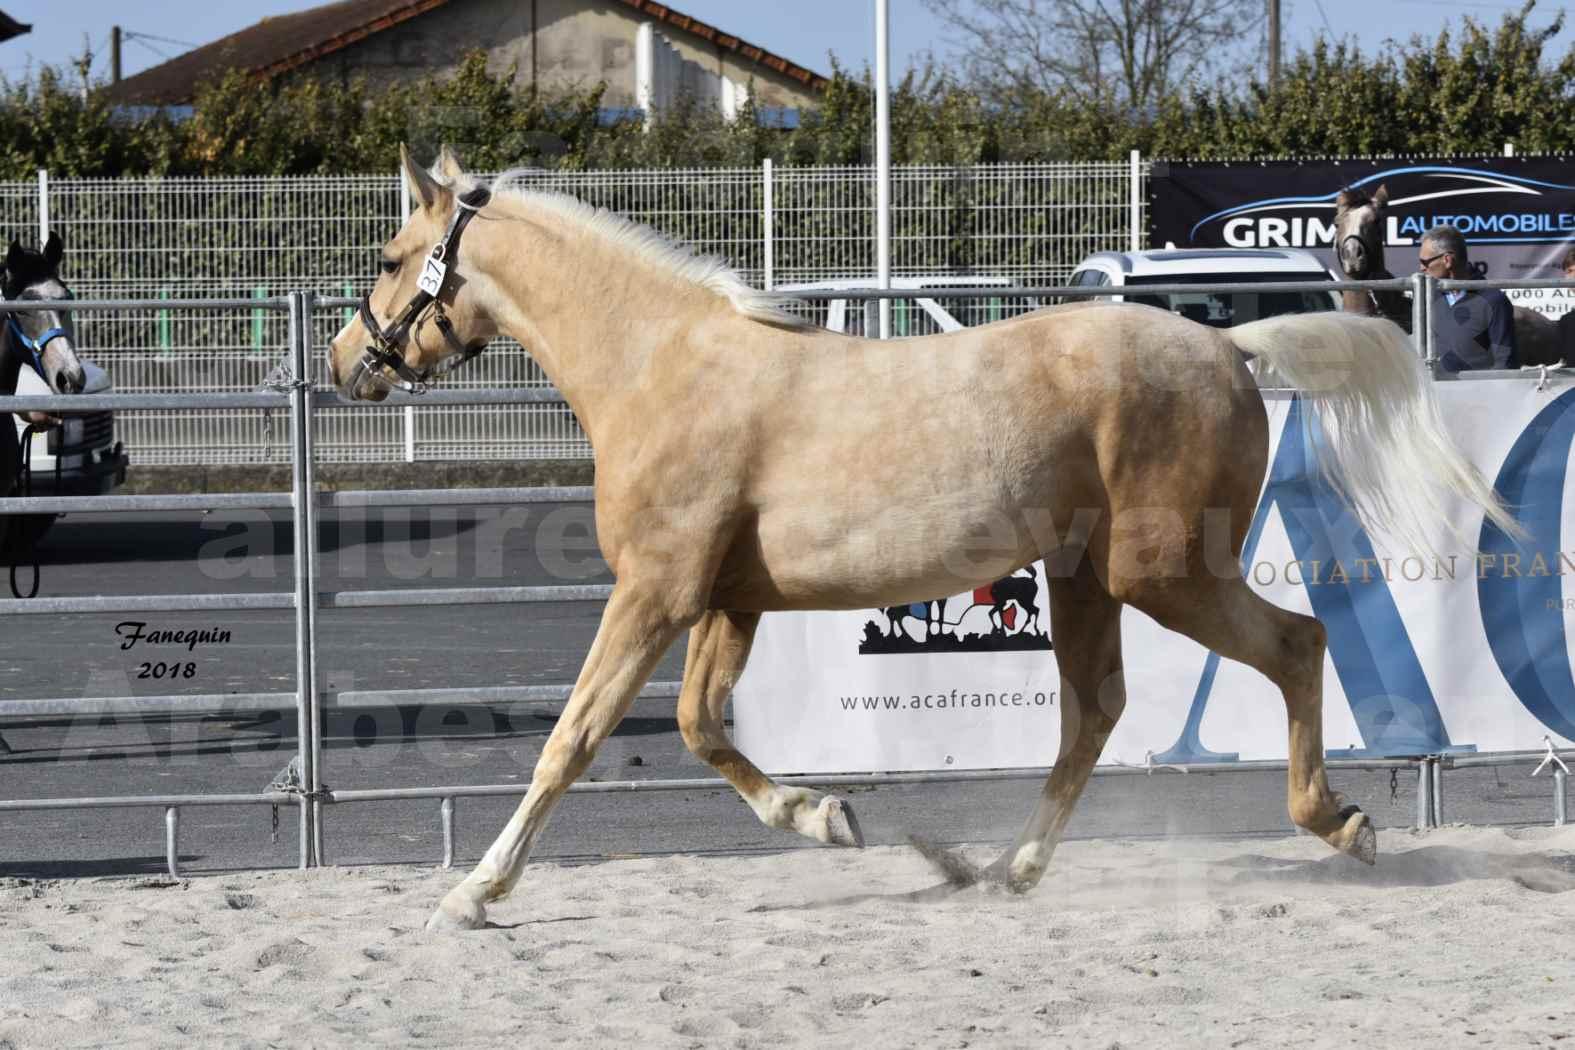 Concours d'élevage de Chevaux Arabes - D. S. A. - A. A. - ALBI les 6 & 7 Avril 2018 - GOLD DE DARRE - Notre Sélection - 2